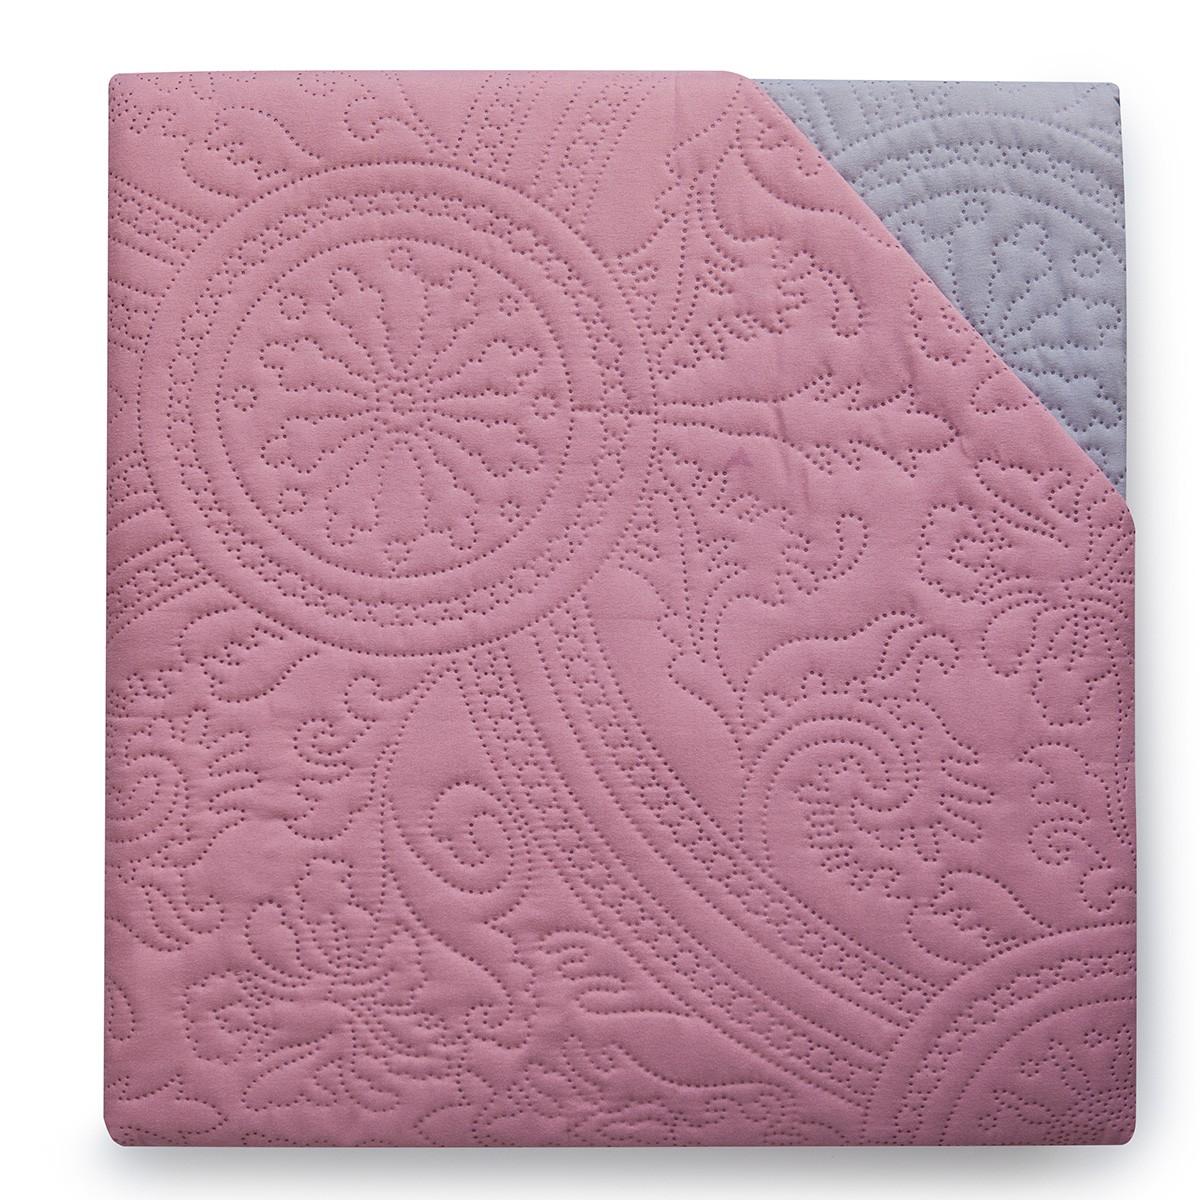 Κουβερλί Μονό Διπλής Όψης Melinen Rose/Grey